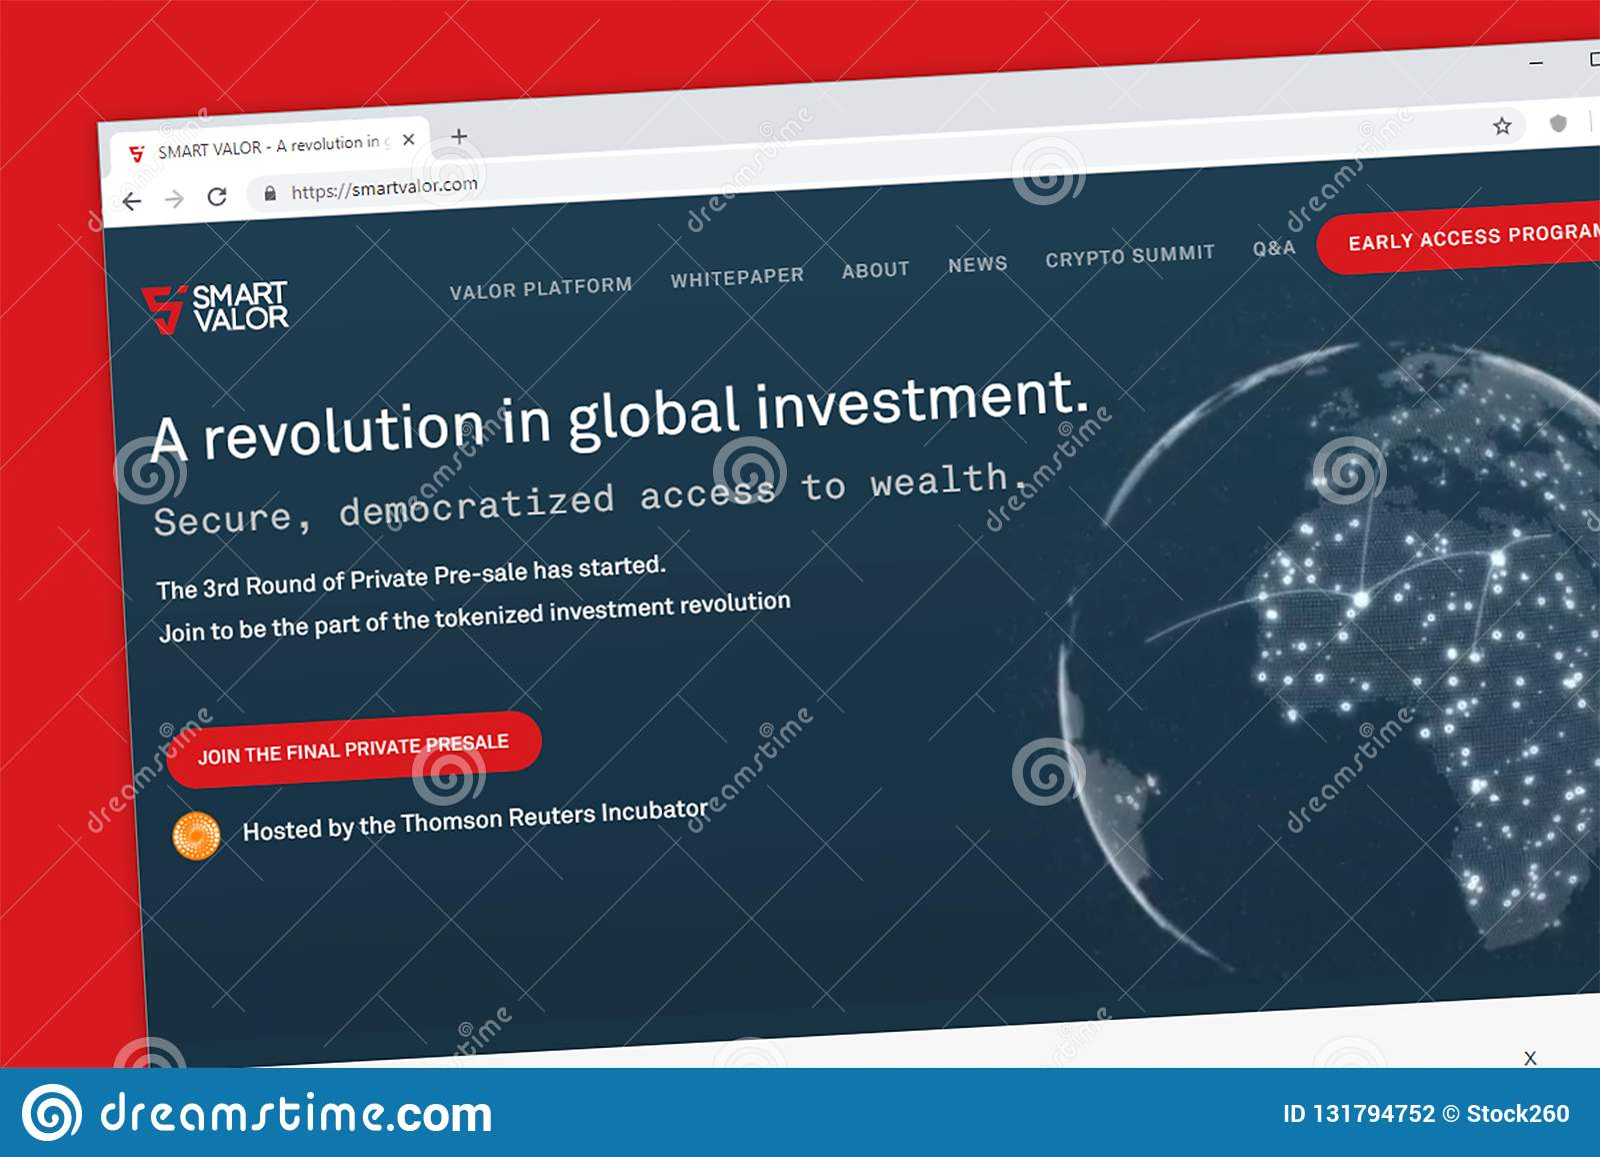 Plataforma esperta da valentia para democratizar o acesso à riqueza através do Web site tokenized do investimento